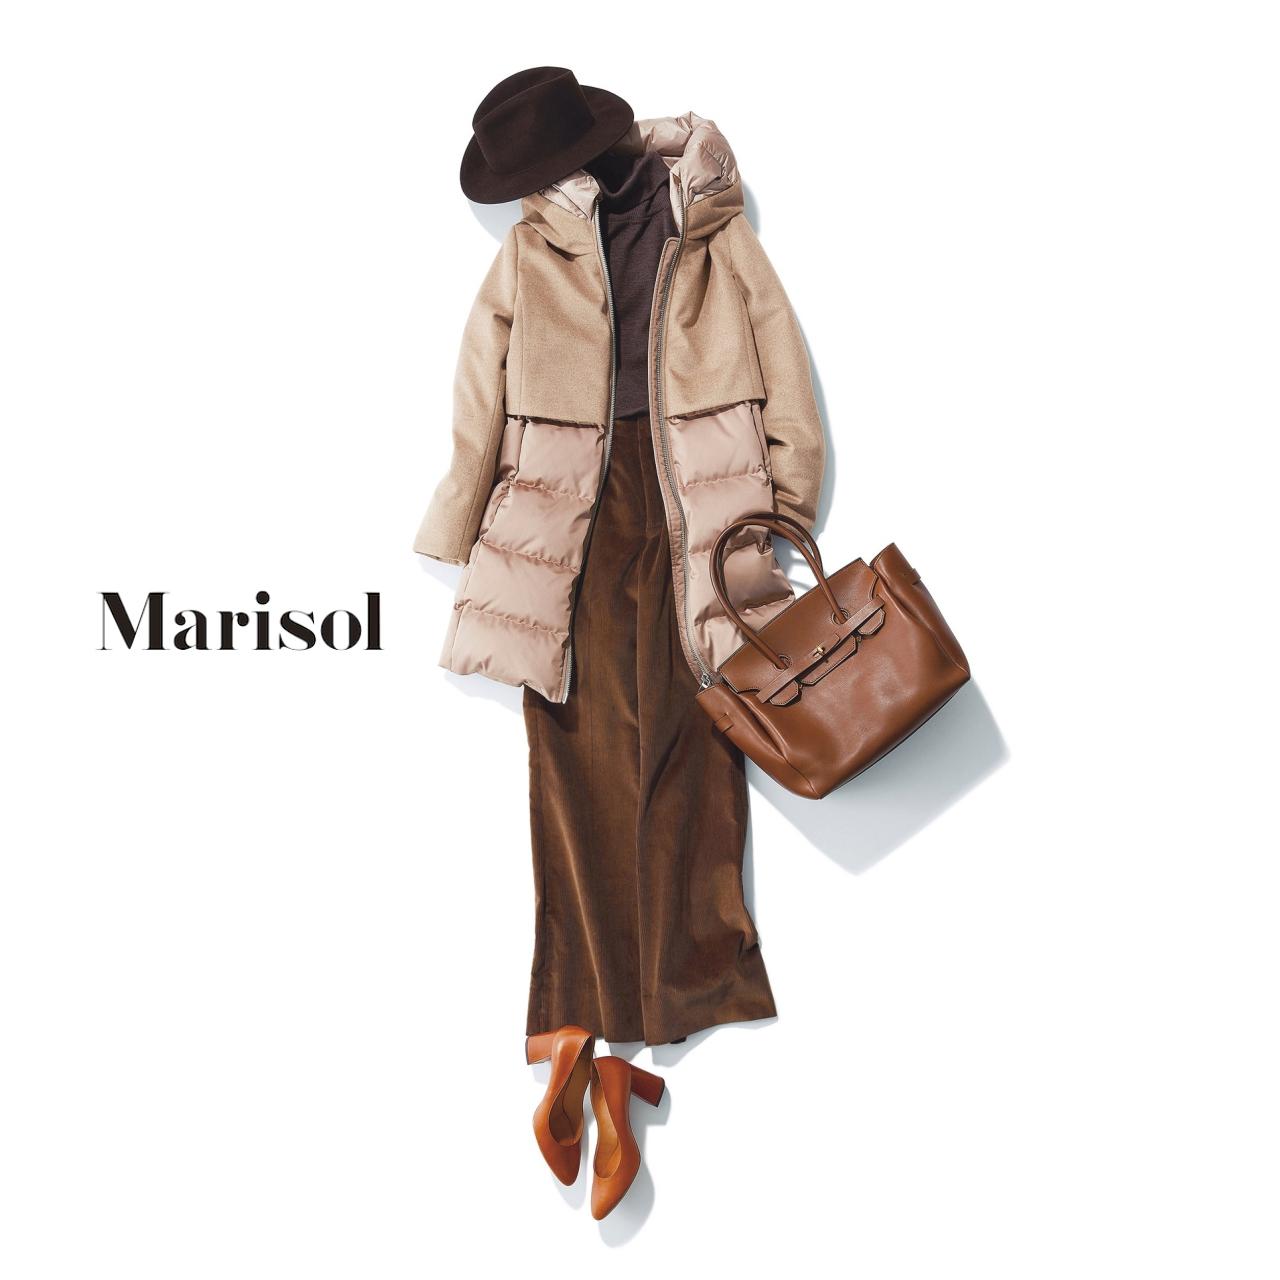 40代ファッション ダウンジャケット×コーデュロイパンツコーデ